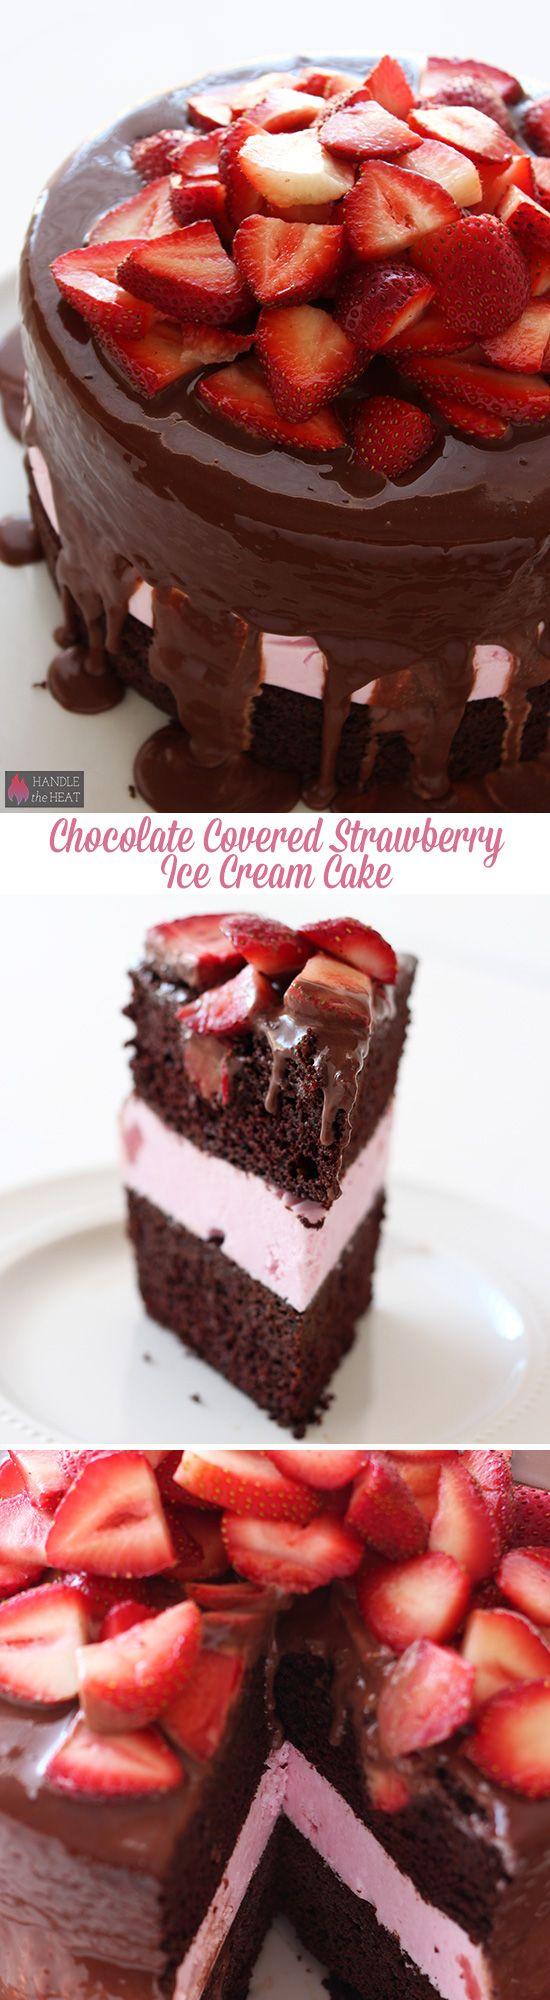 Homemade Chocolate Covered Strawberry Ice Cream Cake